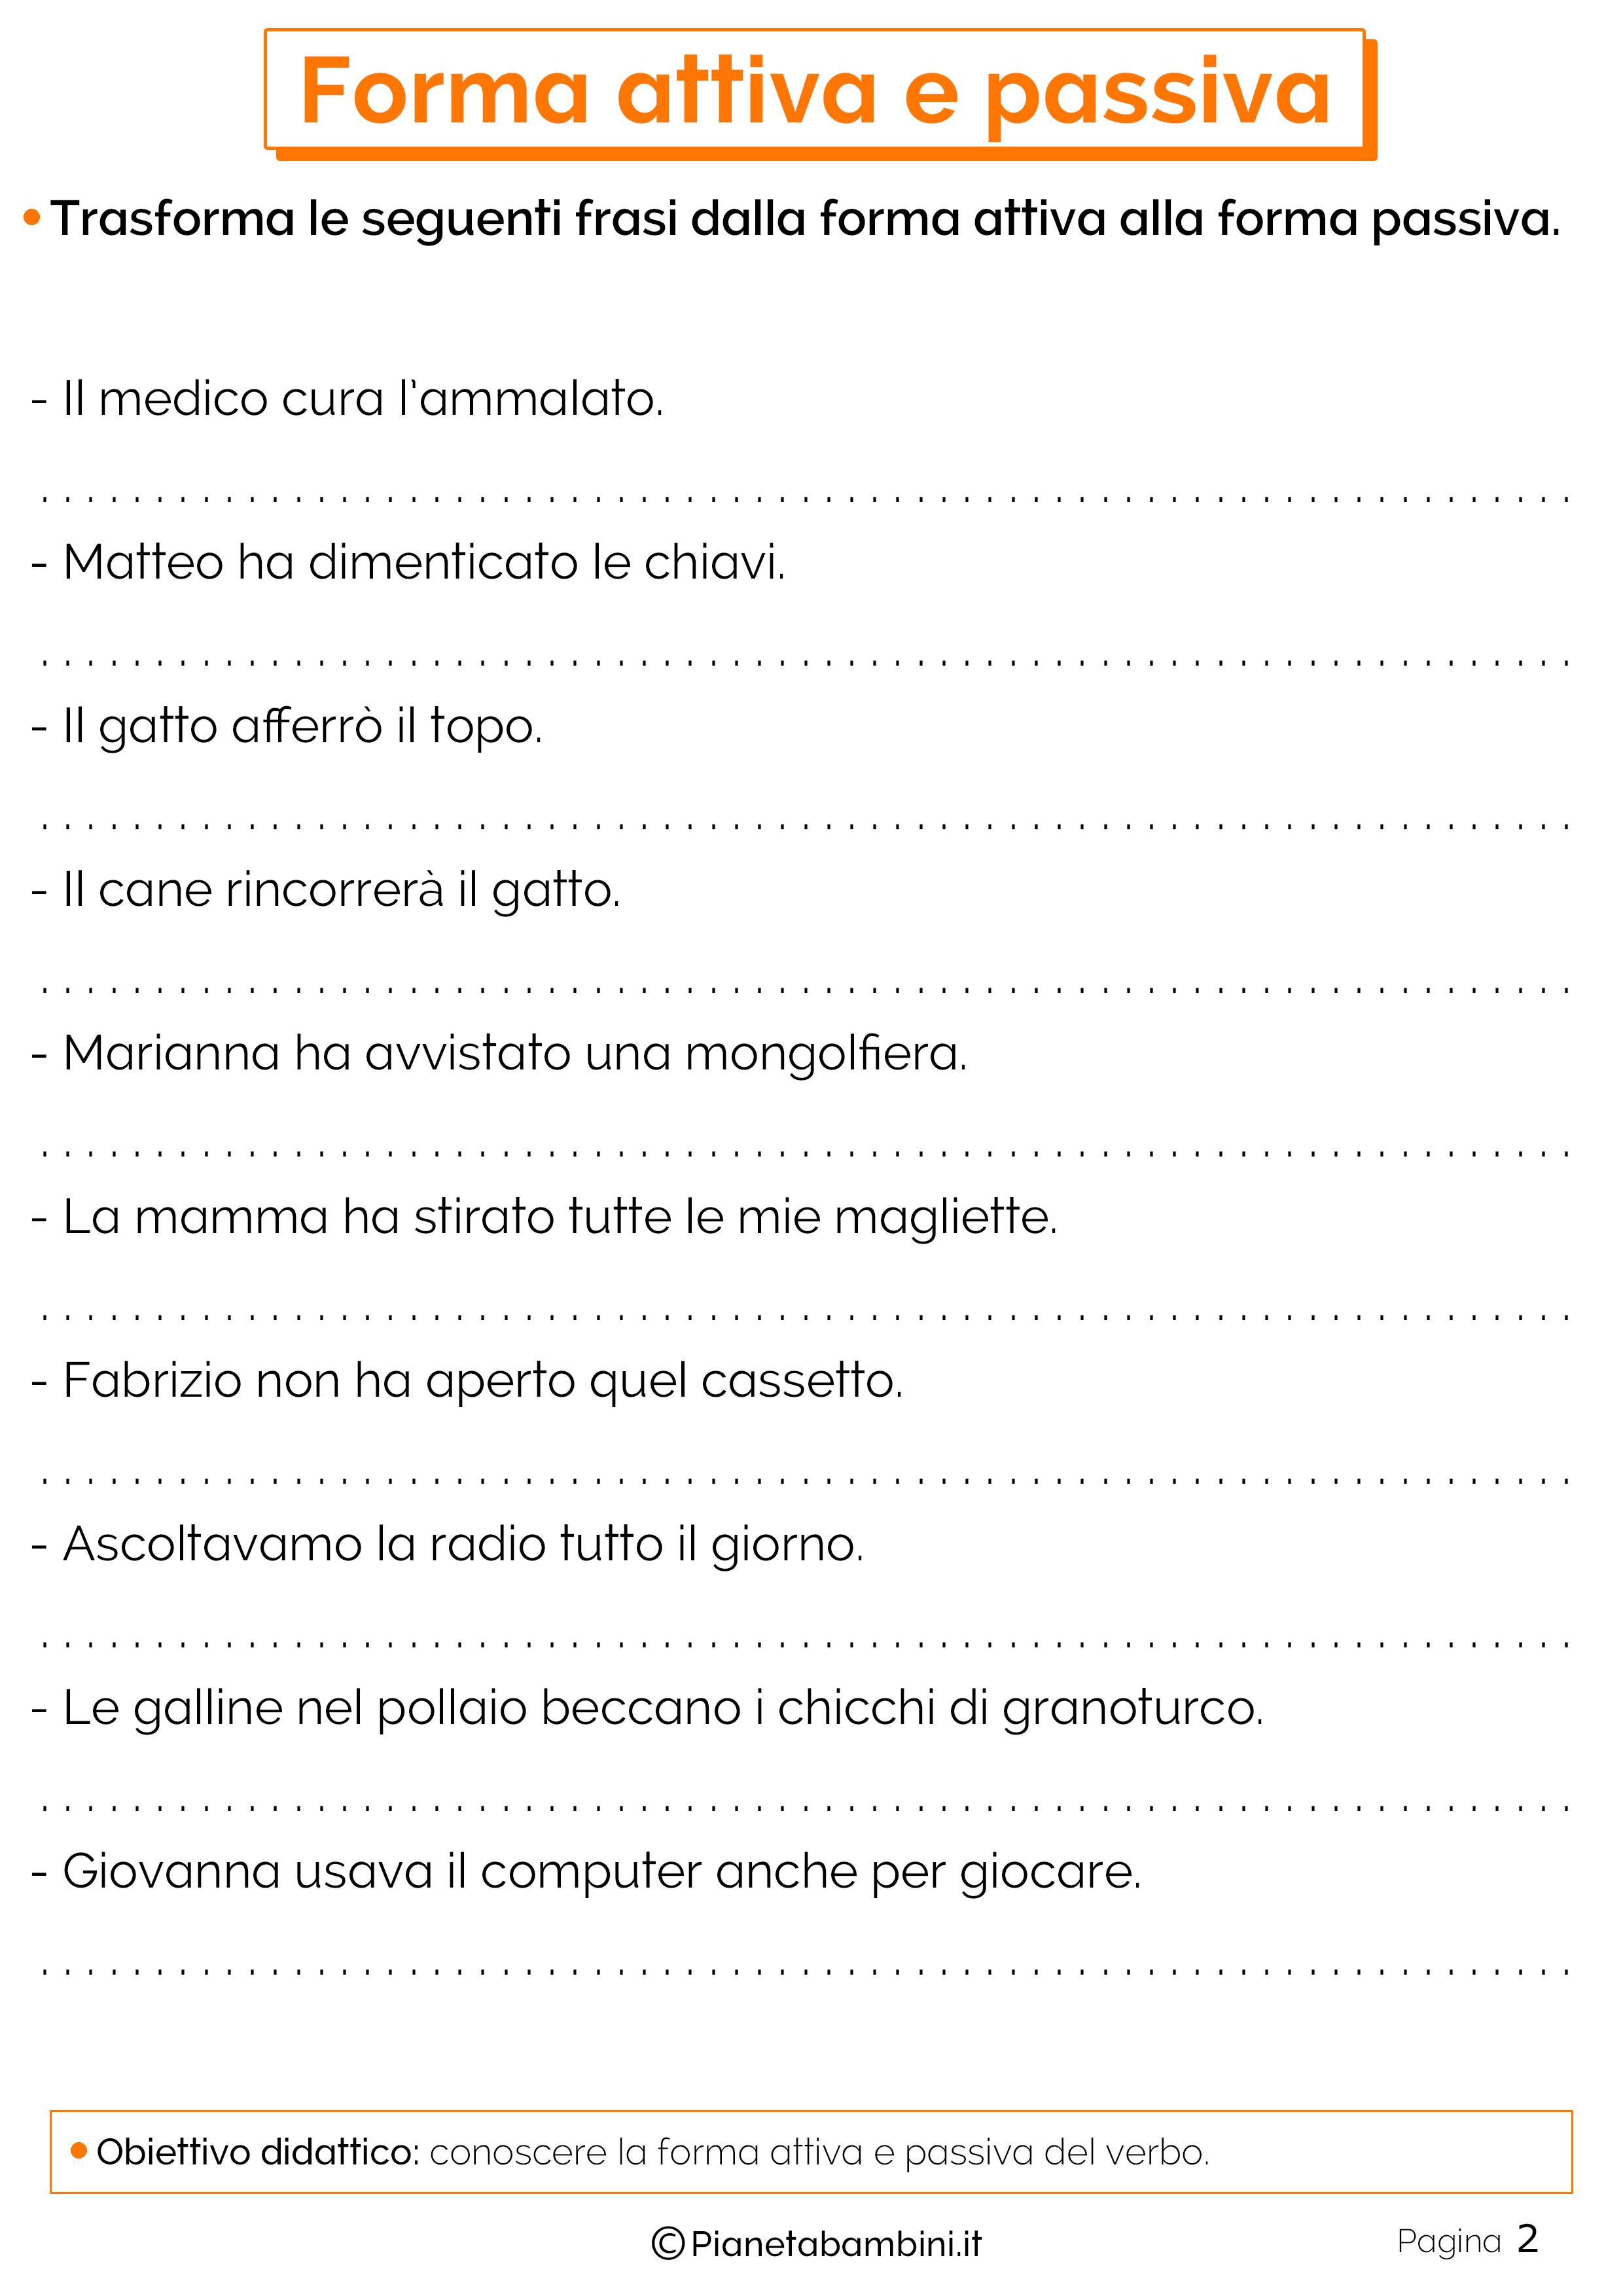 Esercizi su forma attiva e passiva 2